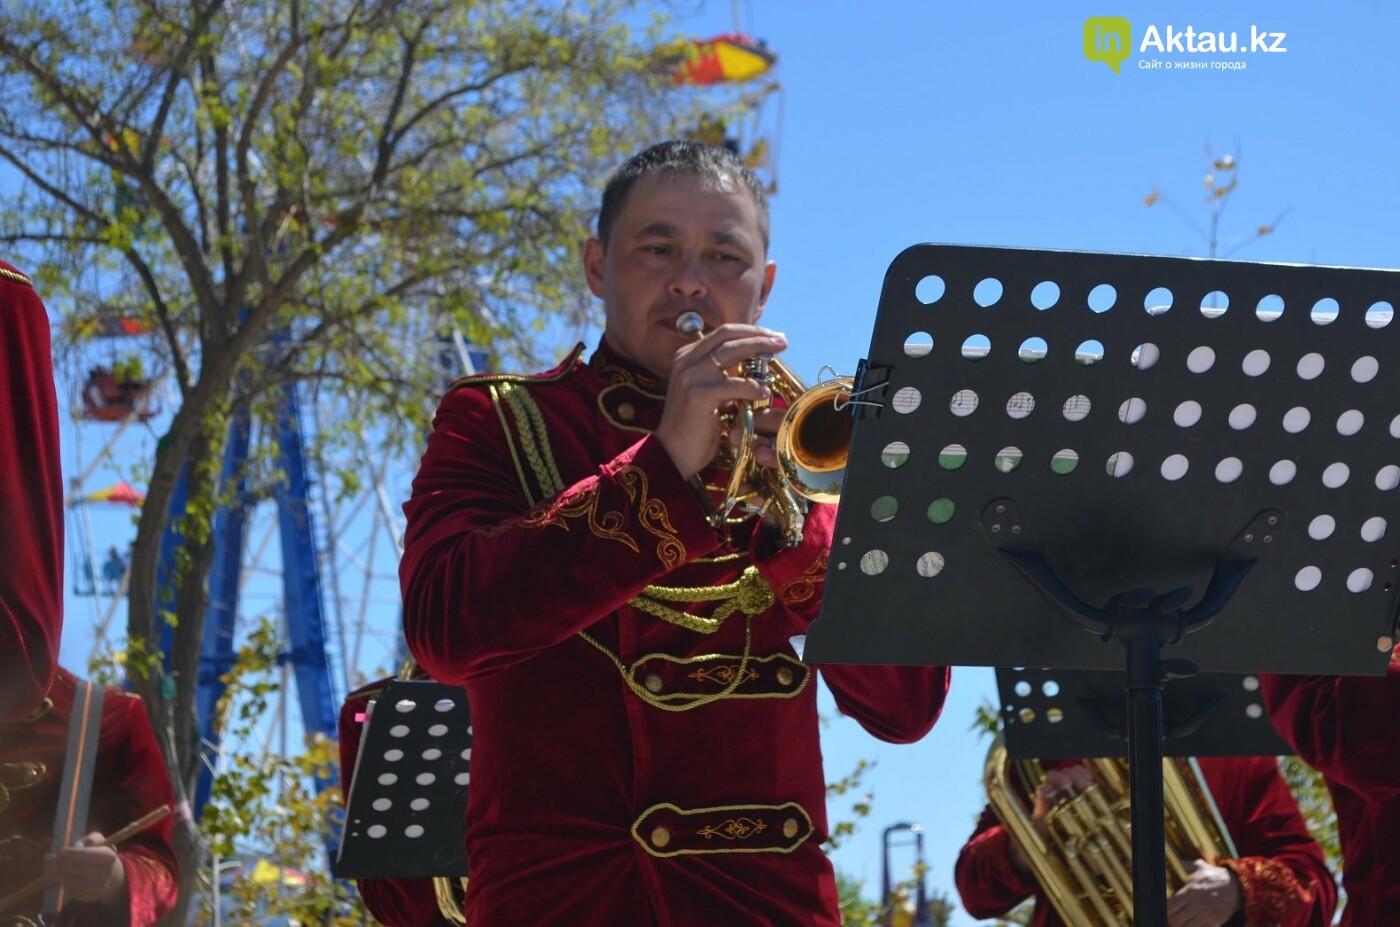 Как в Актау отметили День единства народов (ФОТО), фото-6